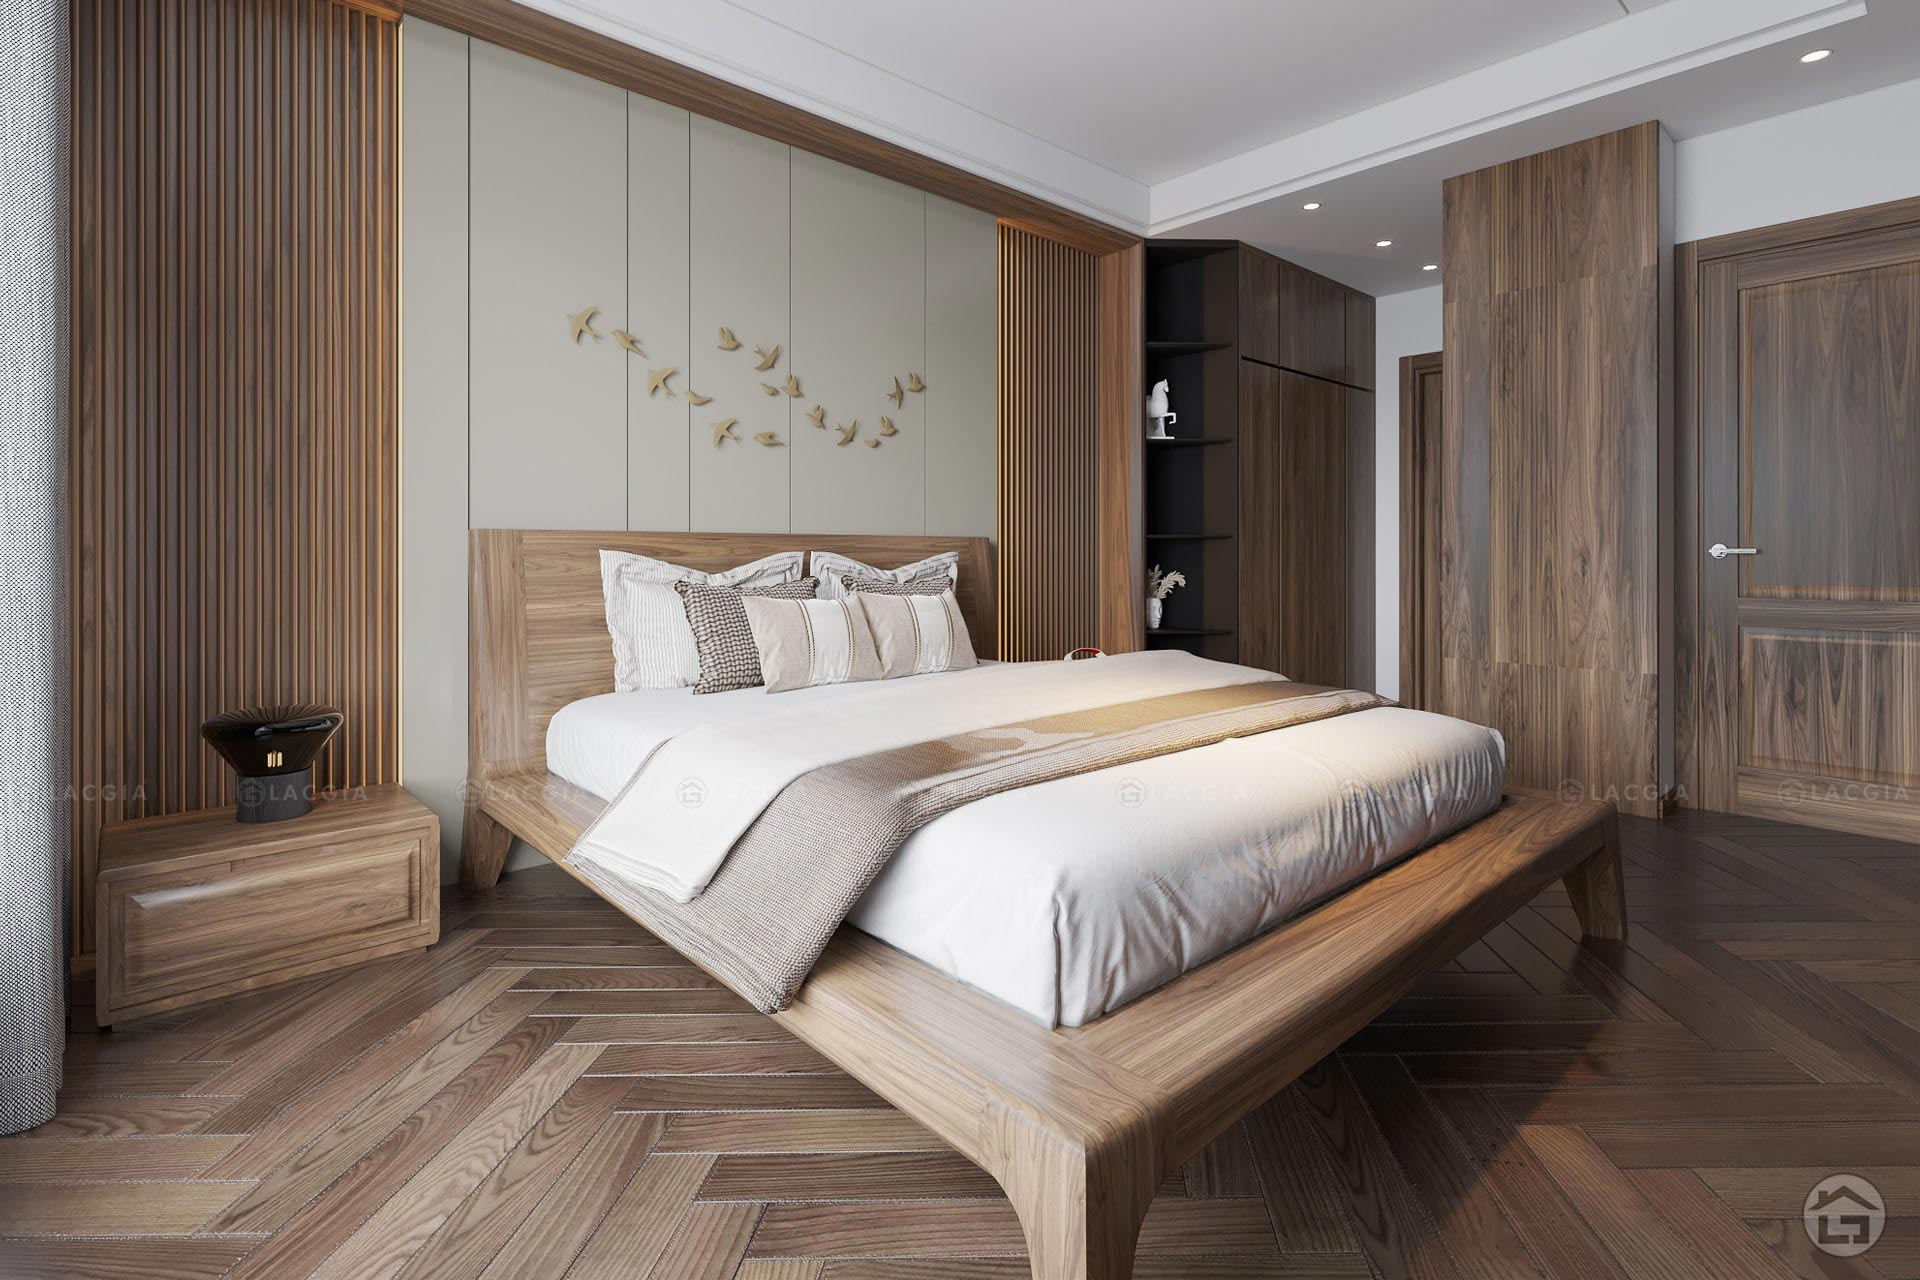 Mẫu giường ngủ gỗ đơn giản tinh tế GN20